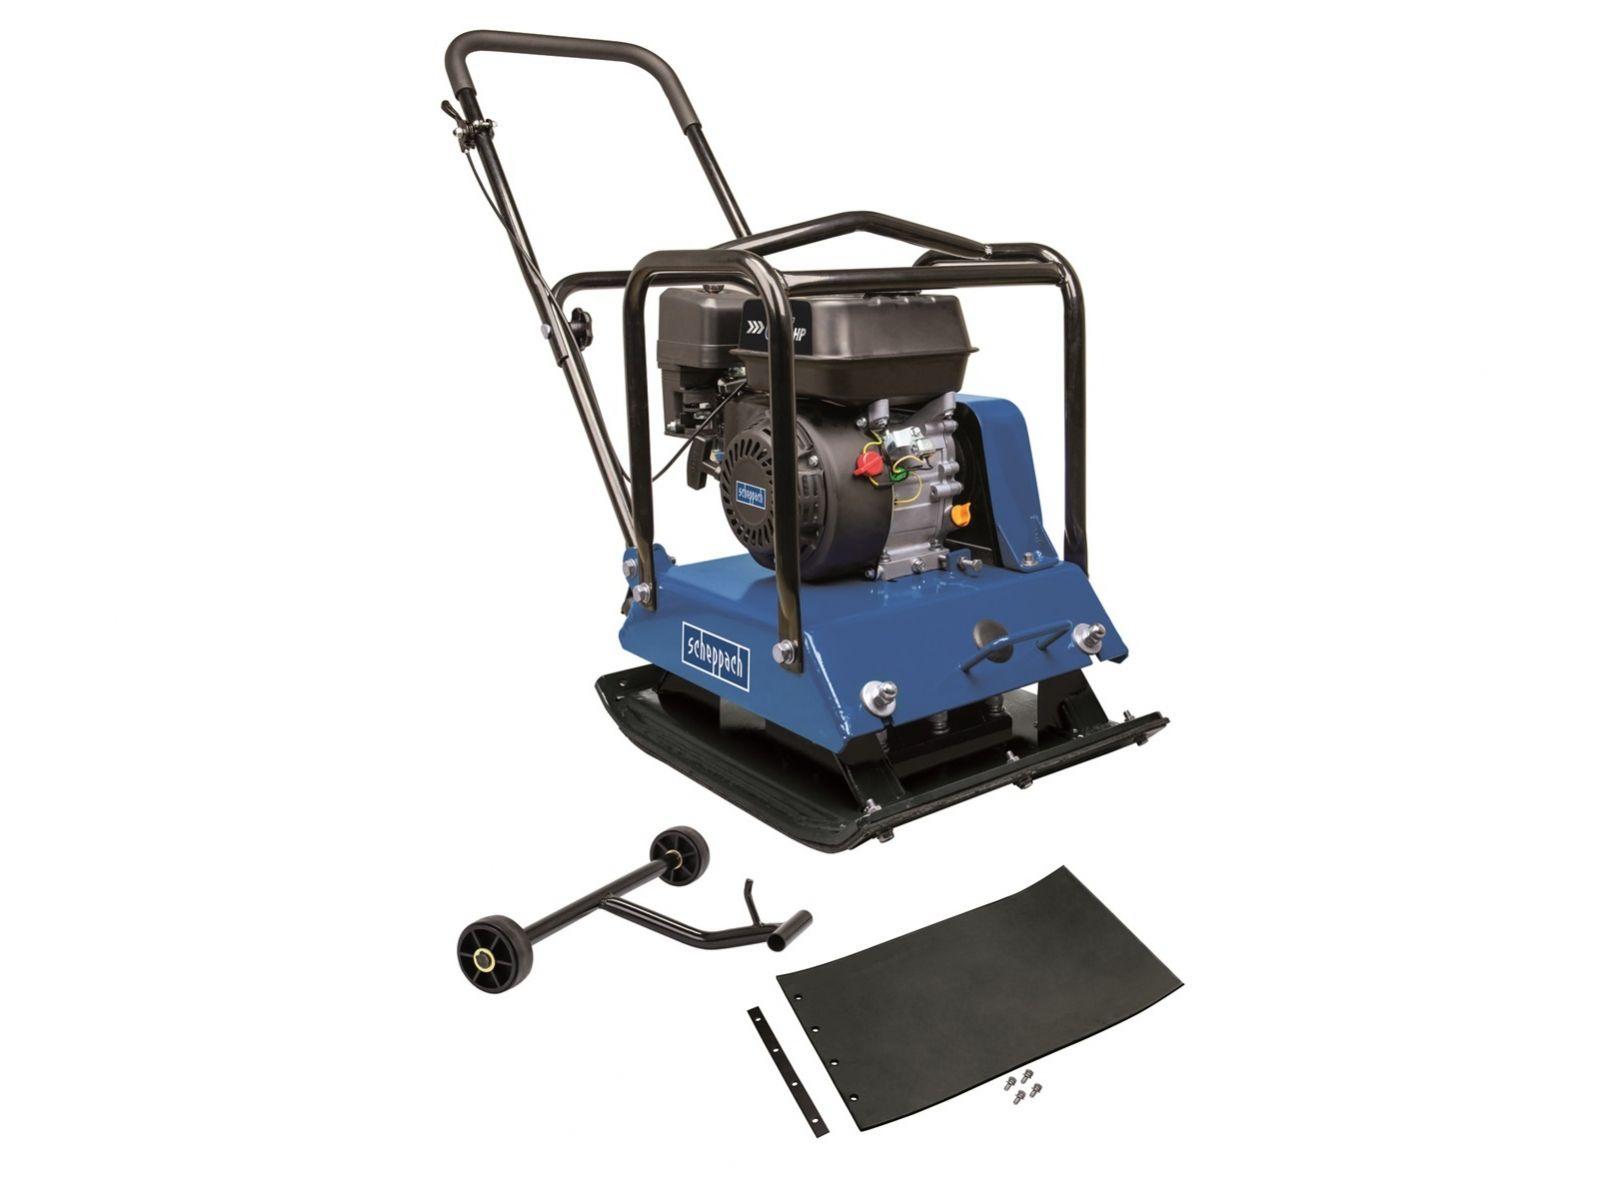 Vibrační pěch - obousměrná vibrační deska Scheppach HP 2200 S - 4.8kW/6.5HP, 550x440mm, 102kg (5904612903)